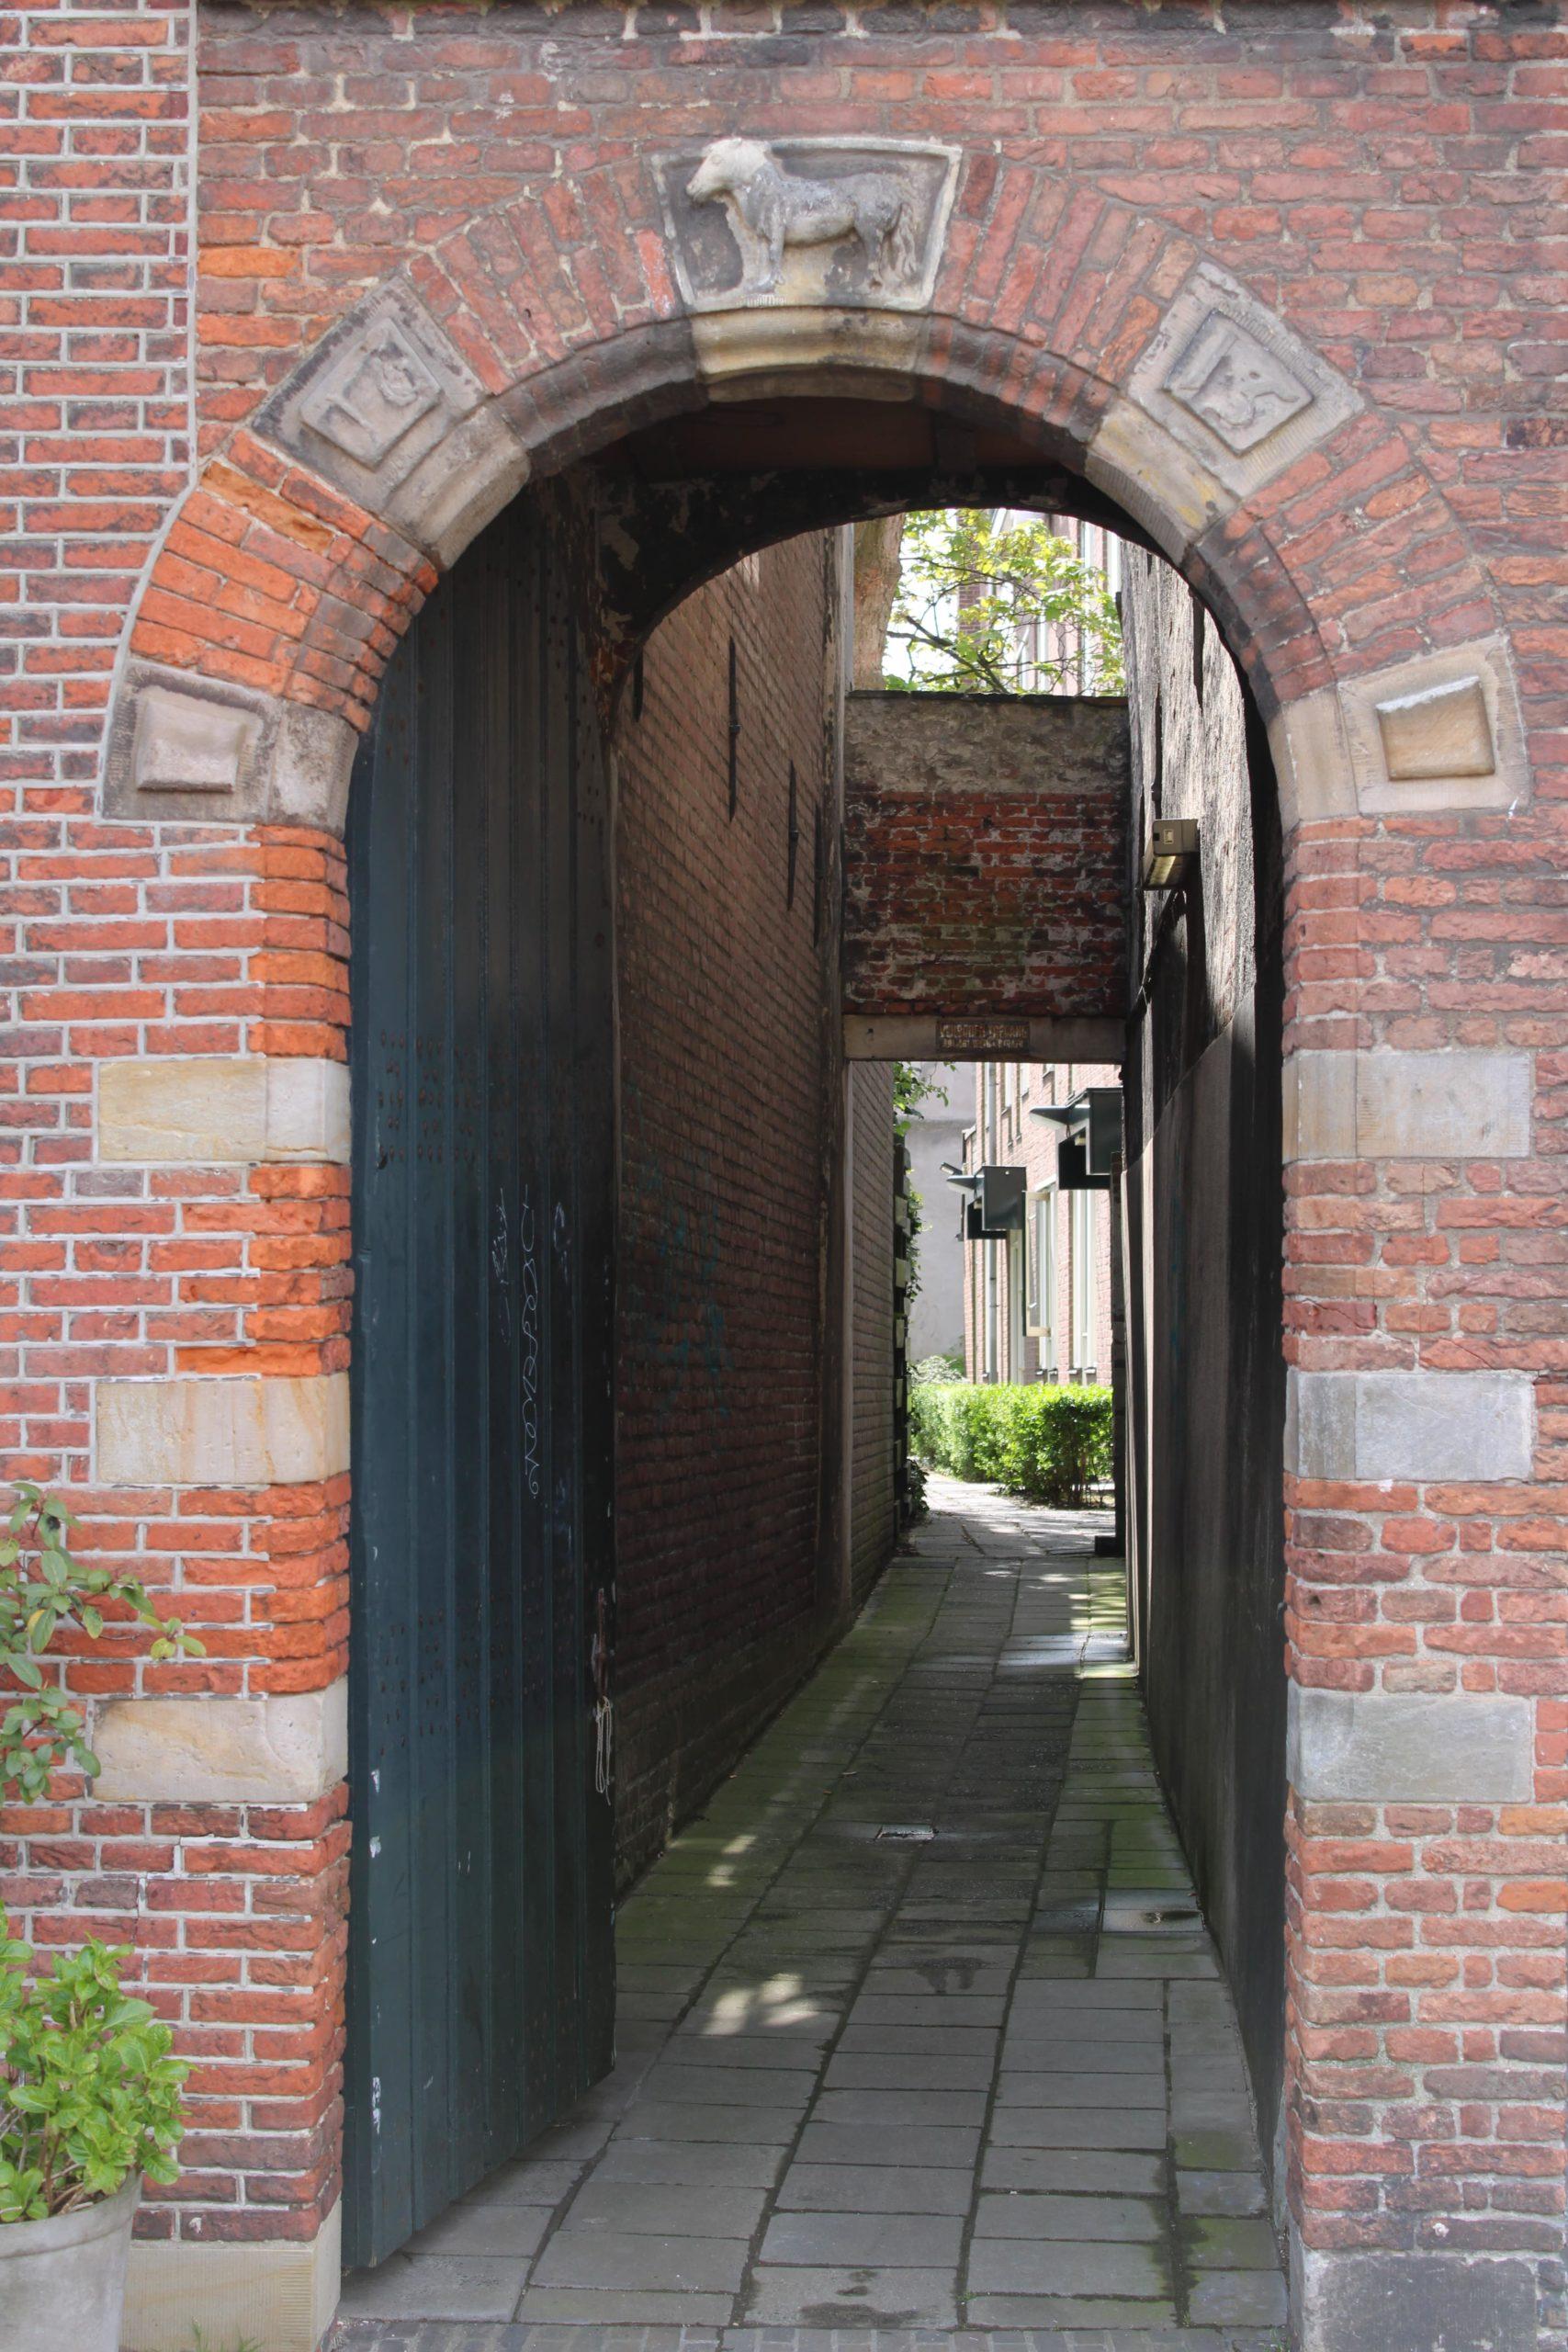 Door to an inside garden